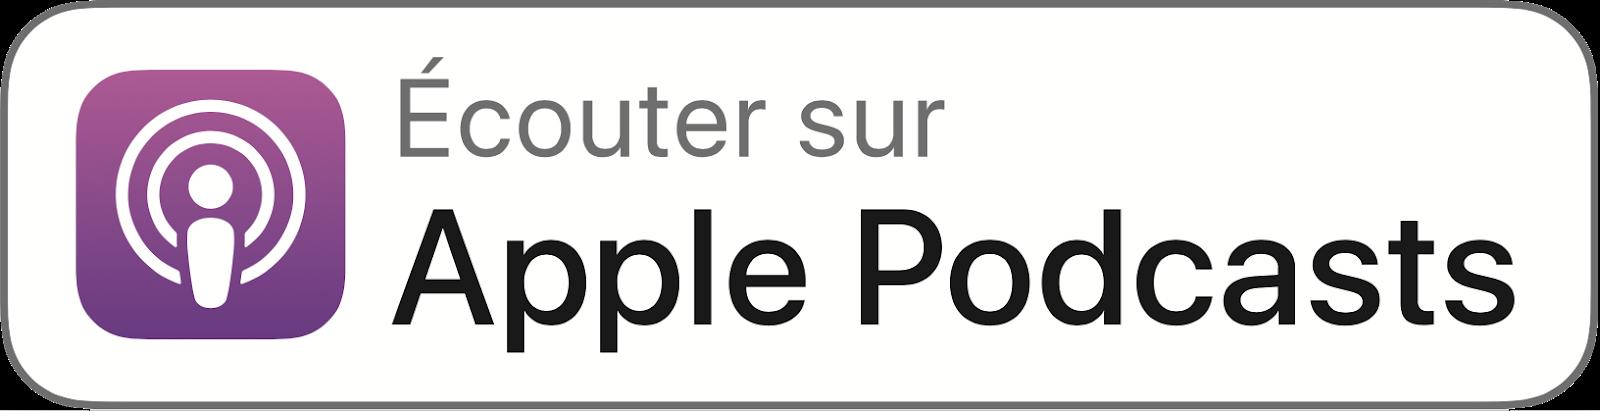 Écouter sur Apple Podcasts